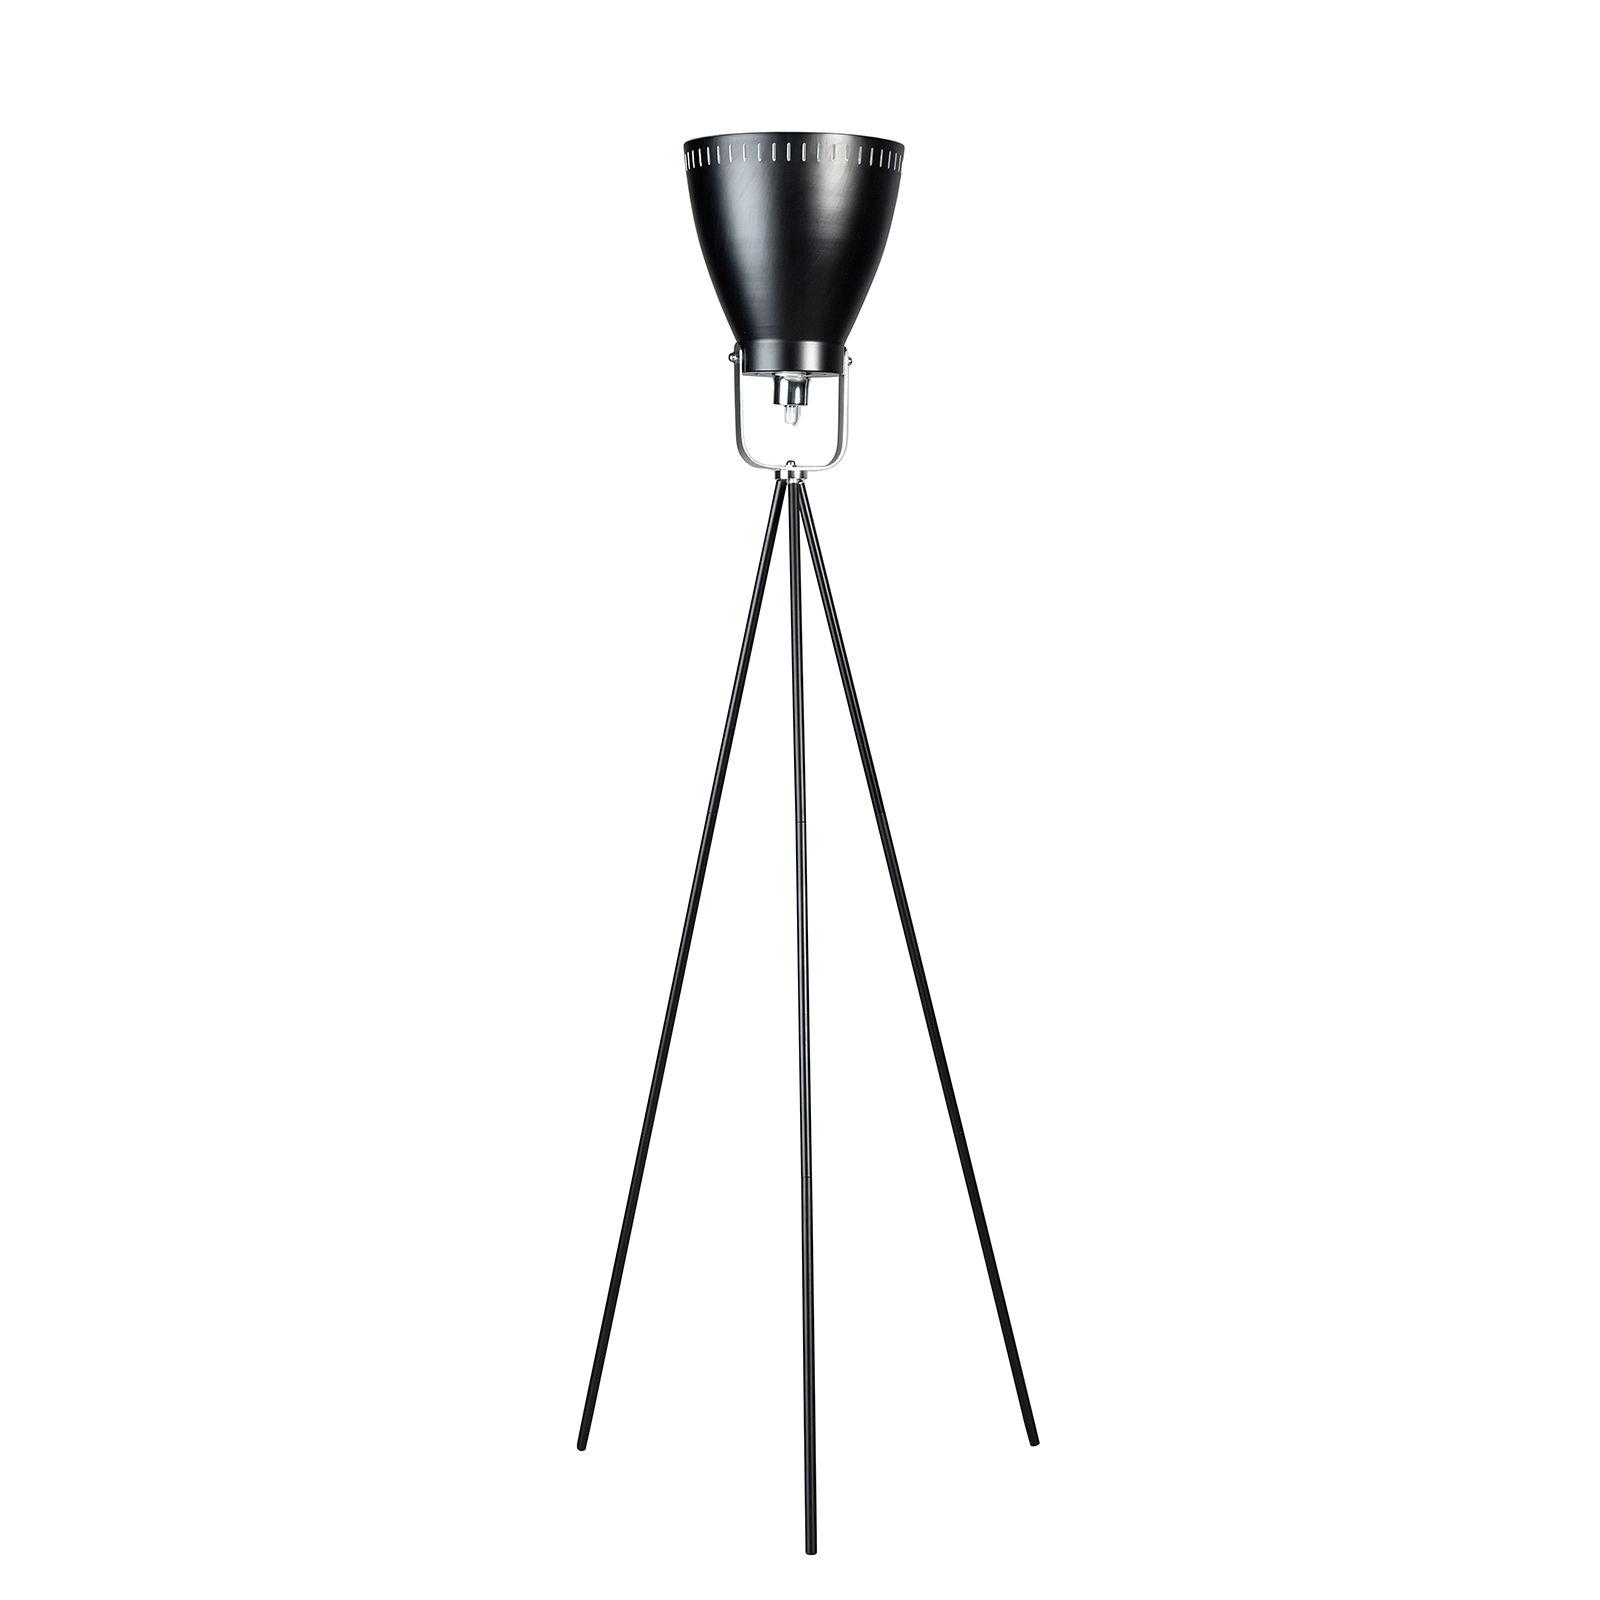 Acate vloerlamp ETH driepoot zwart/chroom